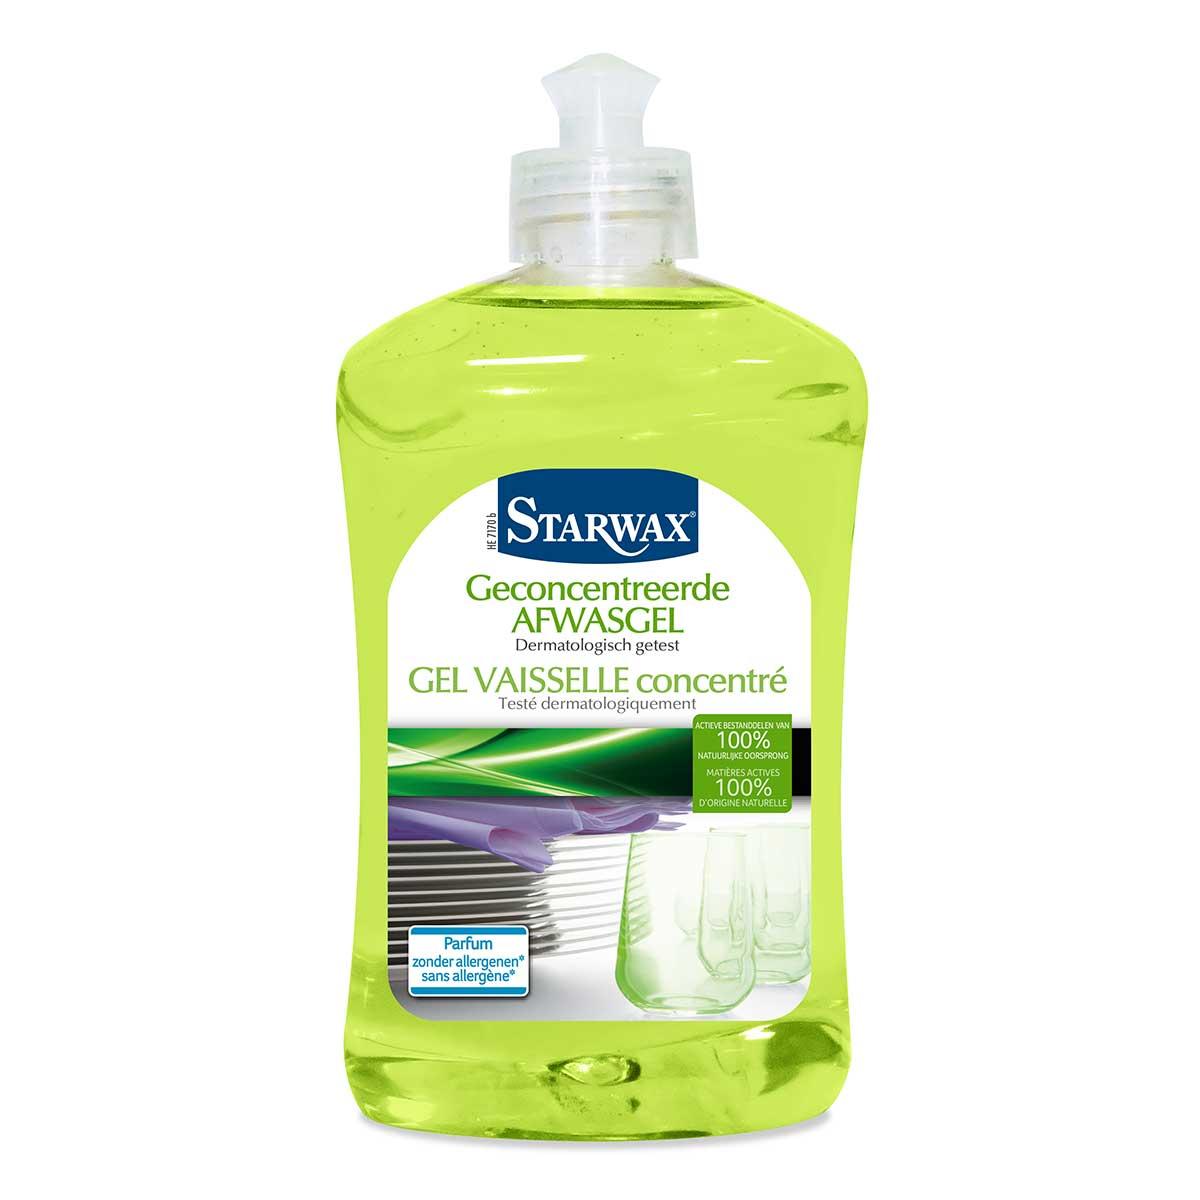 Geconcentreerde afwasgel actieve bestanddelen van 100% natuurlijke oorsprong - Starwax